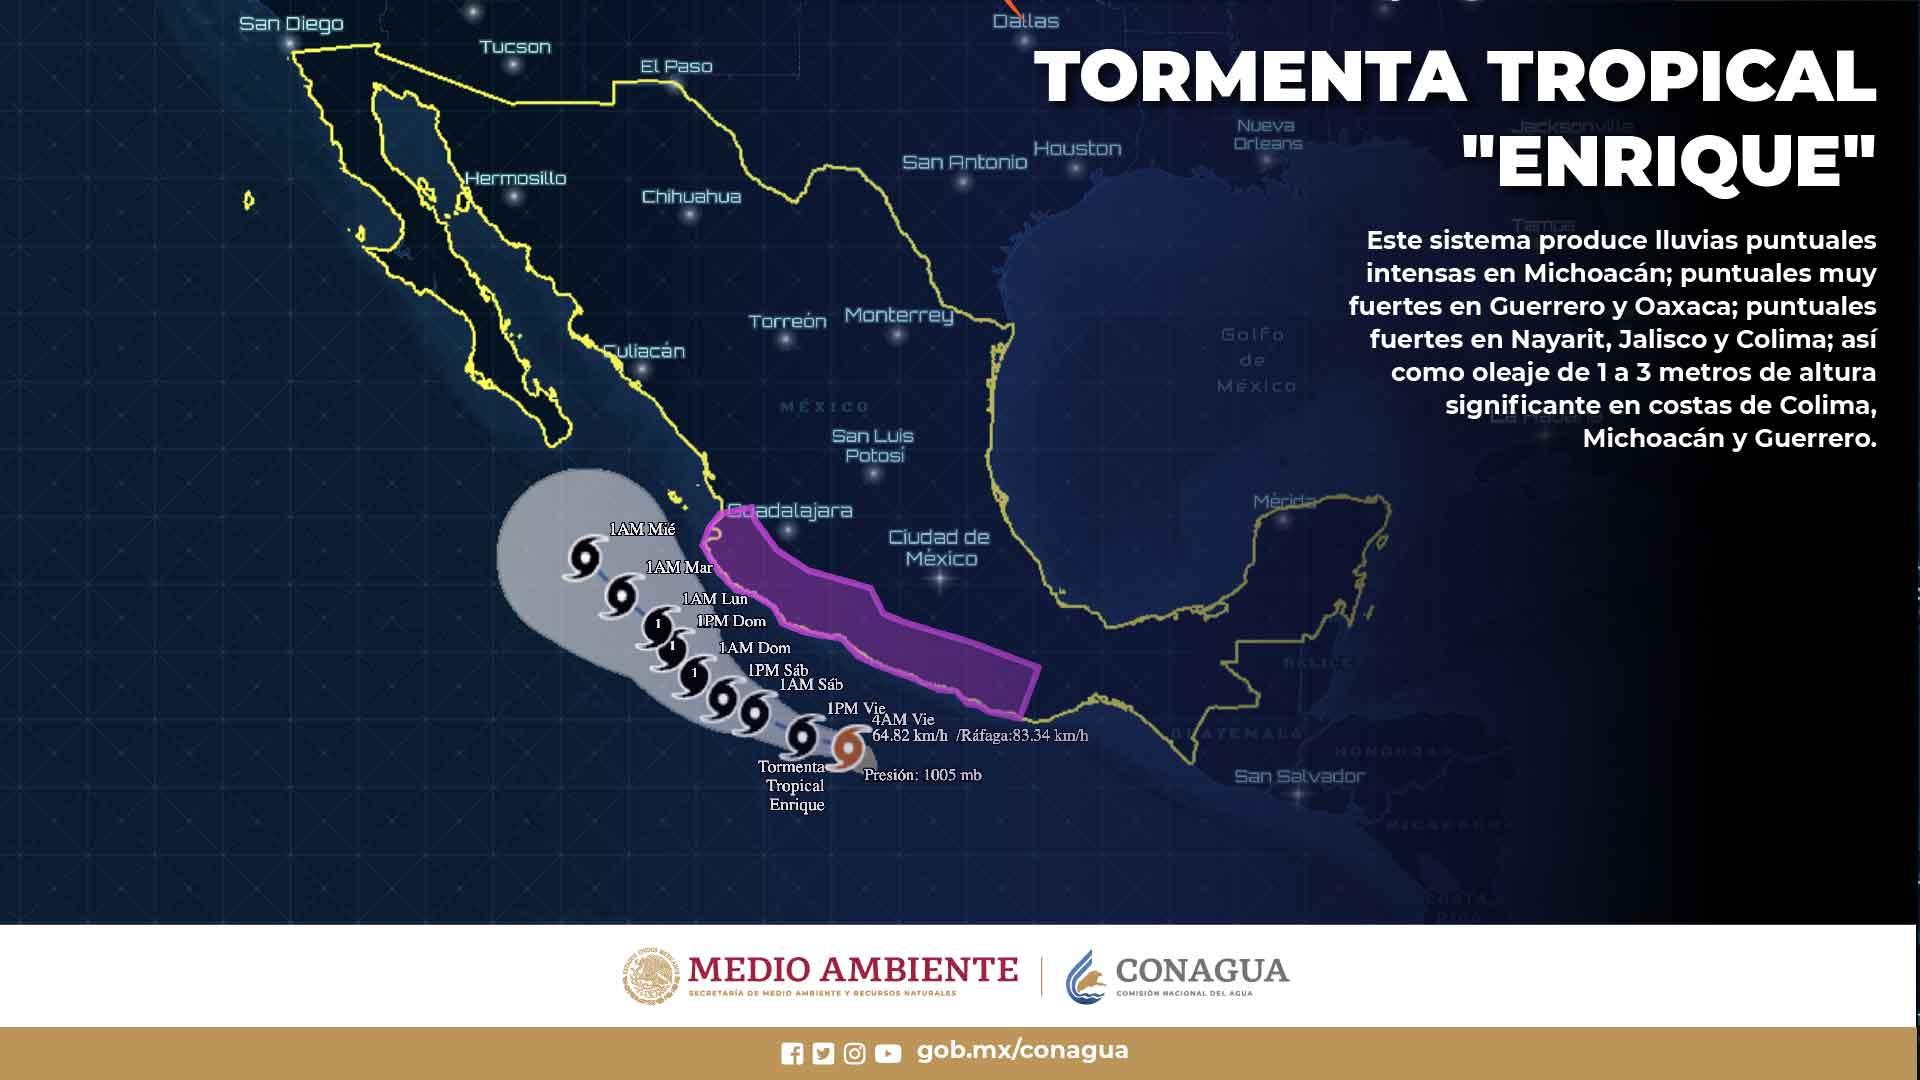 Esta noche, la tormenta tropical Enrique ocasionará lluvias intensas